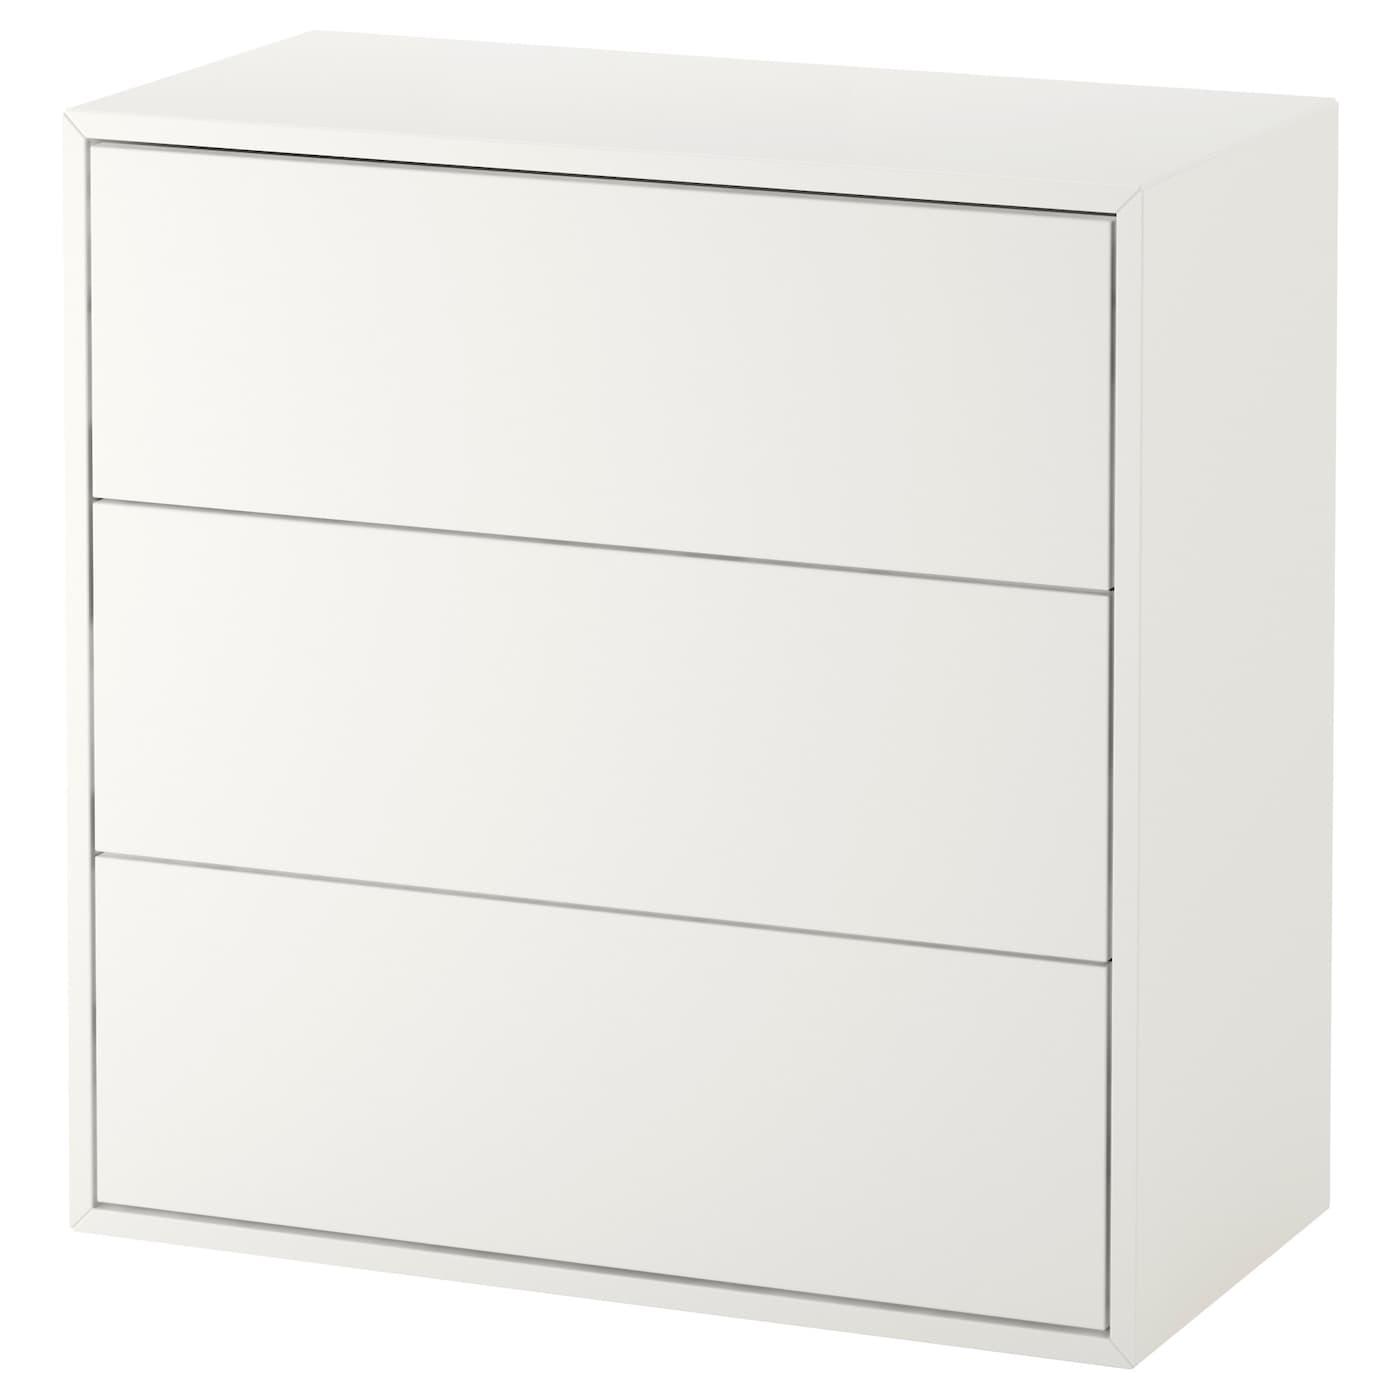 EKET Rangement 13 tiroirs - blanc 13x113x13 cm